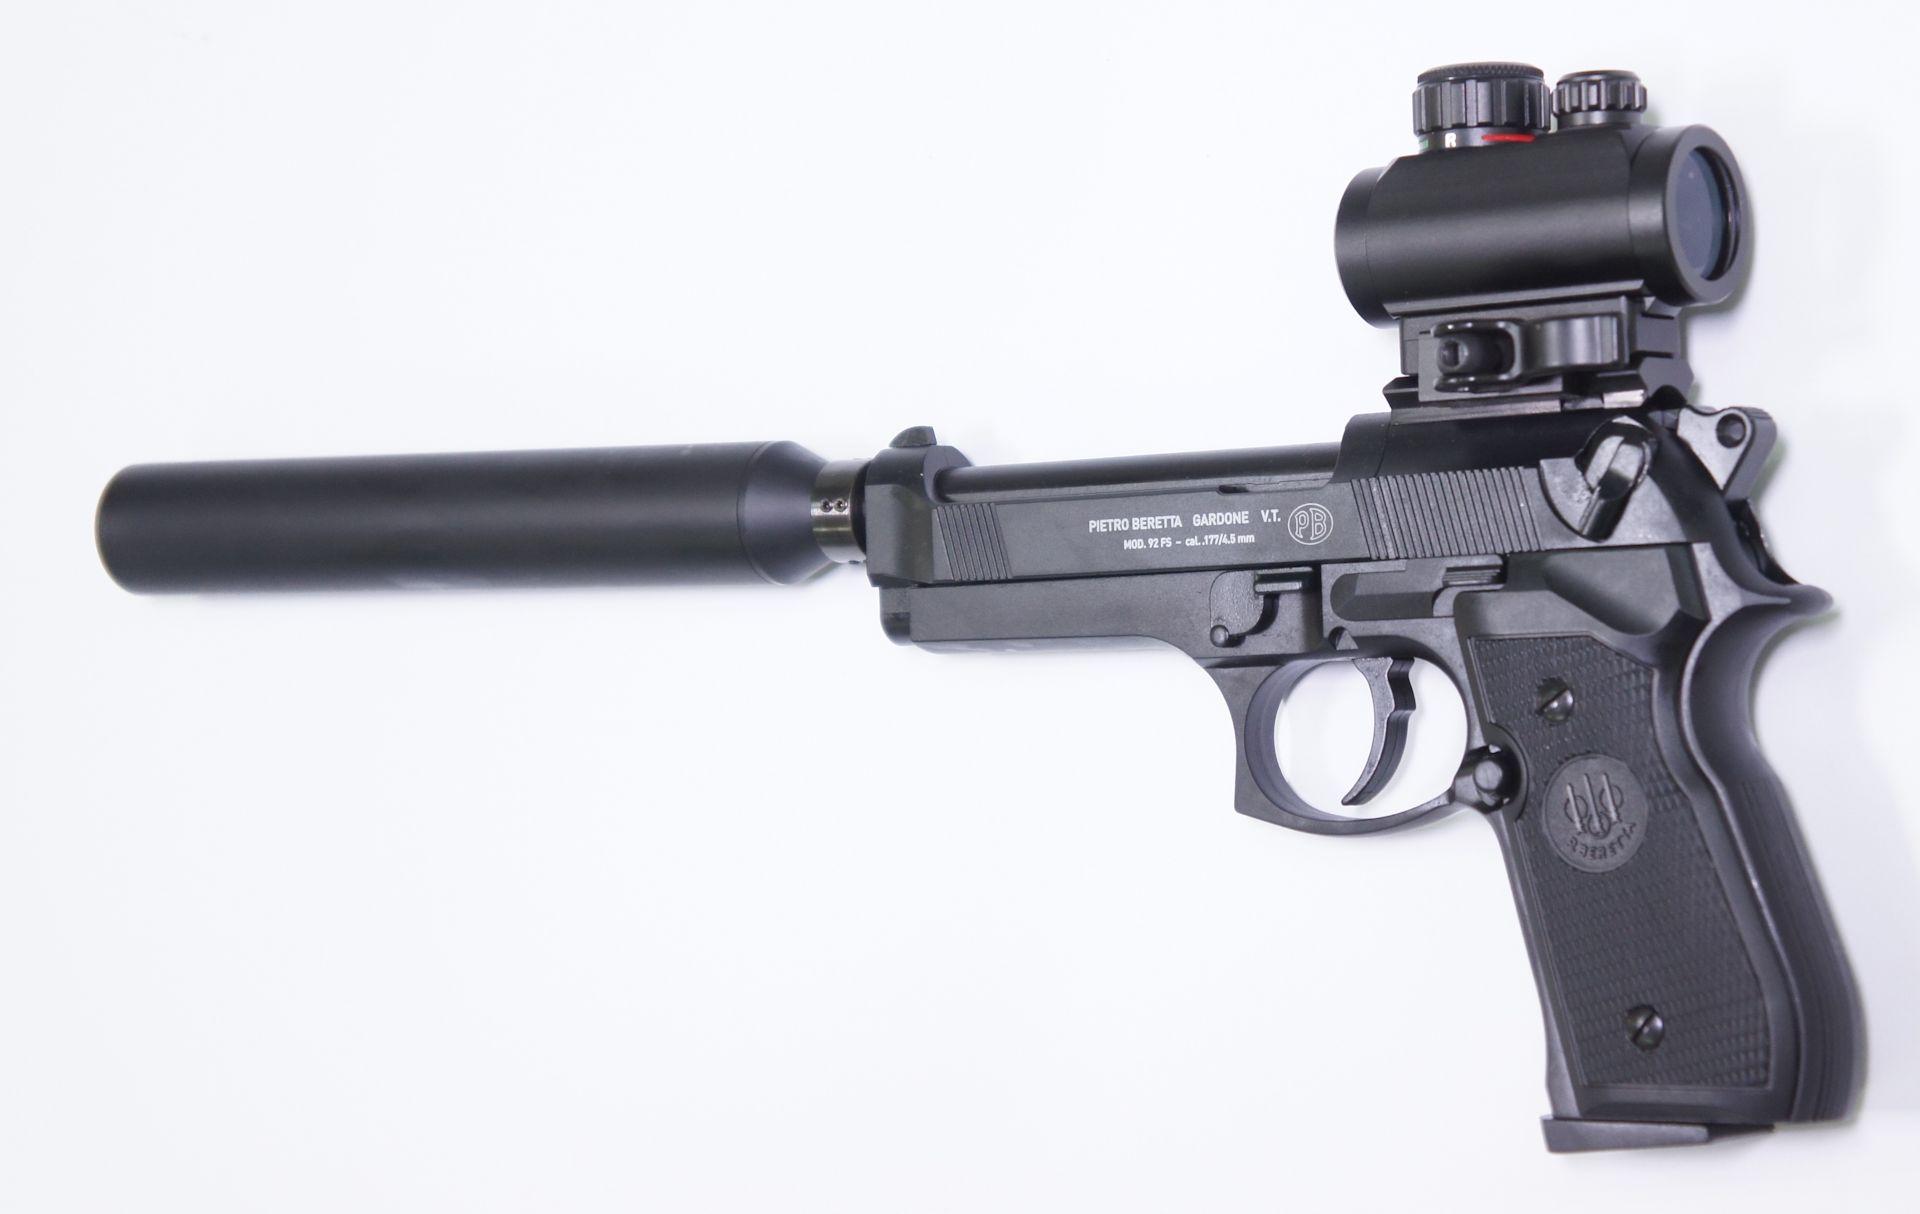 RTU Set mit der CO2 Luftpistole Modell Beretta 92FS in schwarz